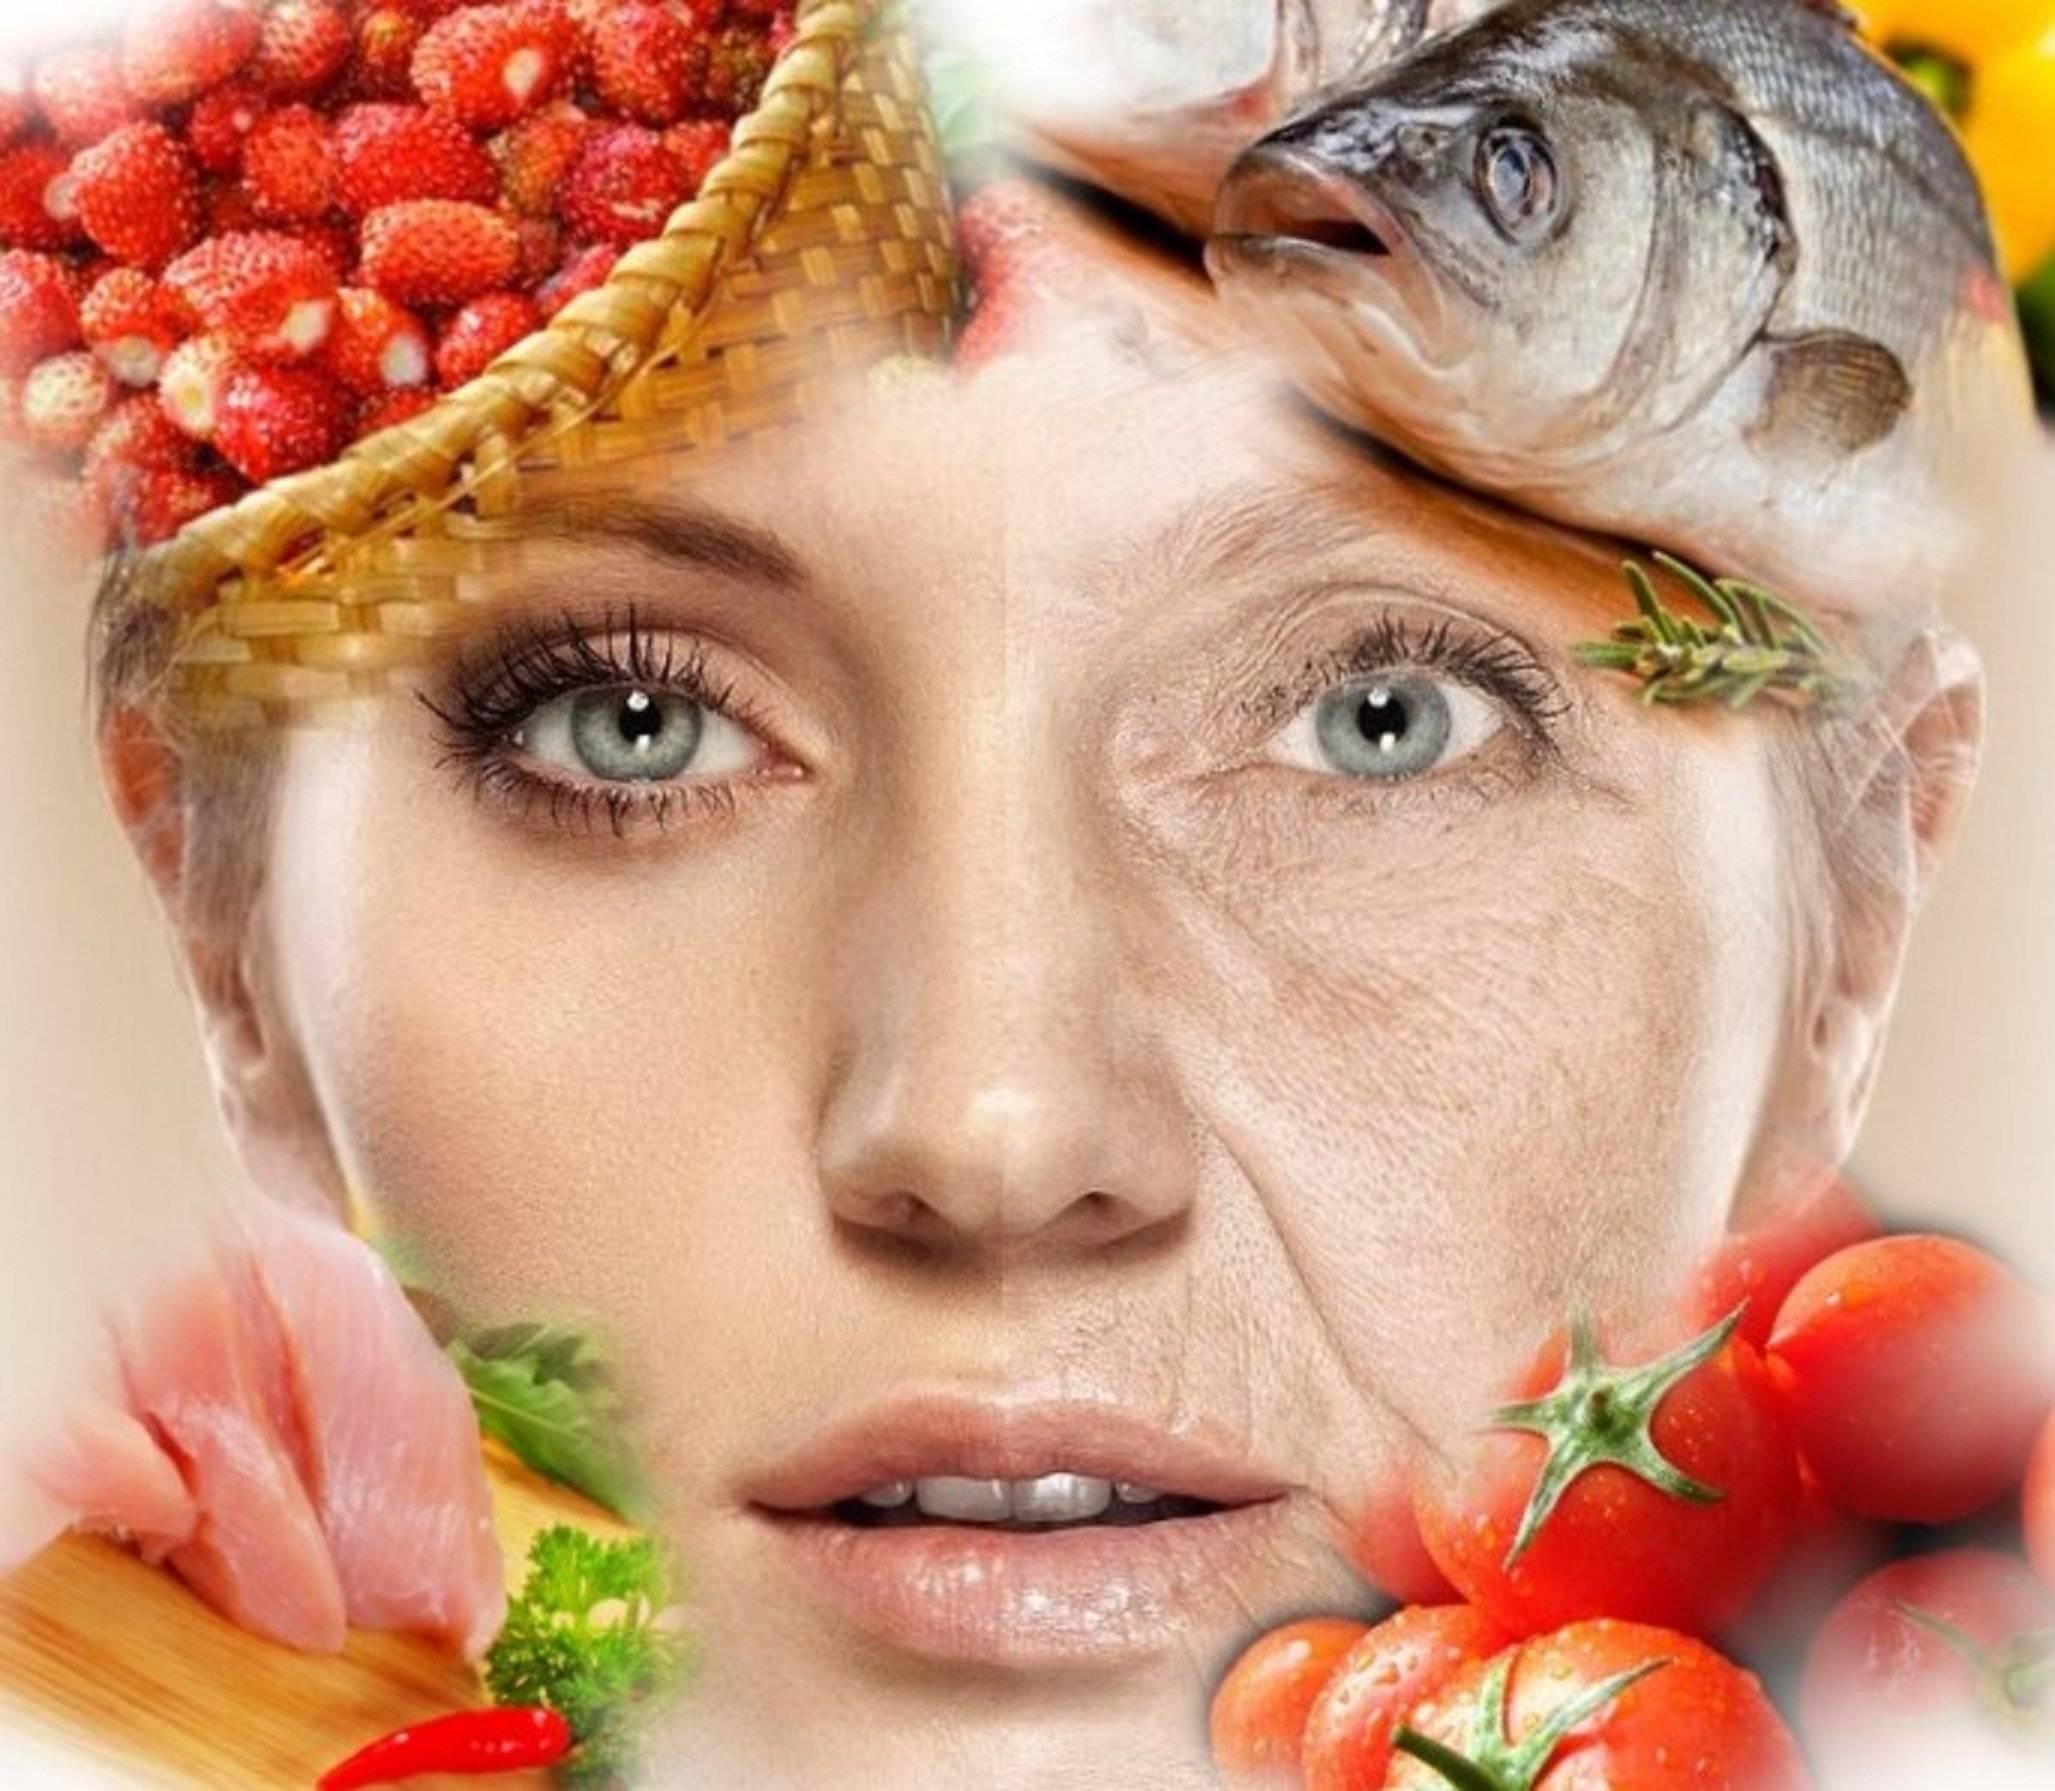 Улучшаем кожу лица в домашних условиях